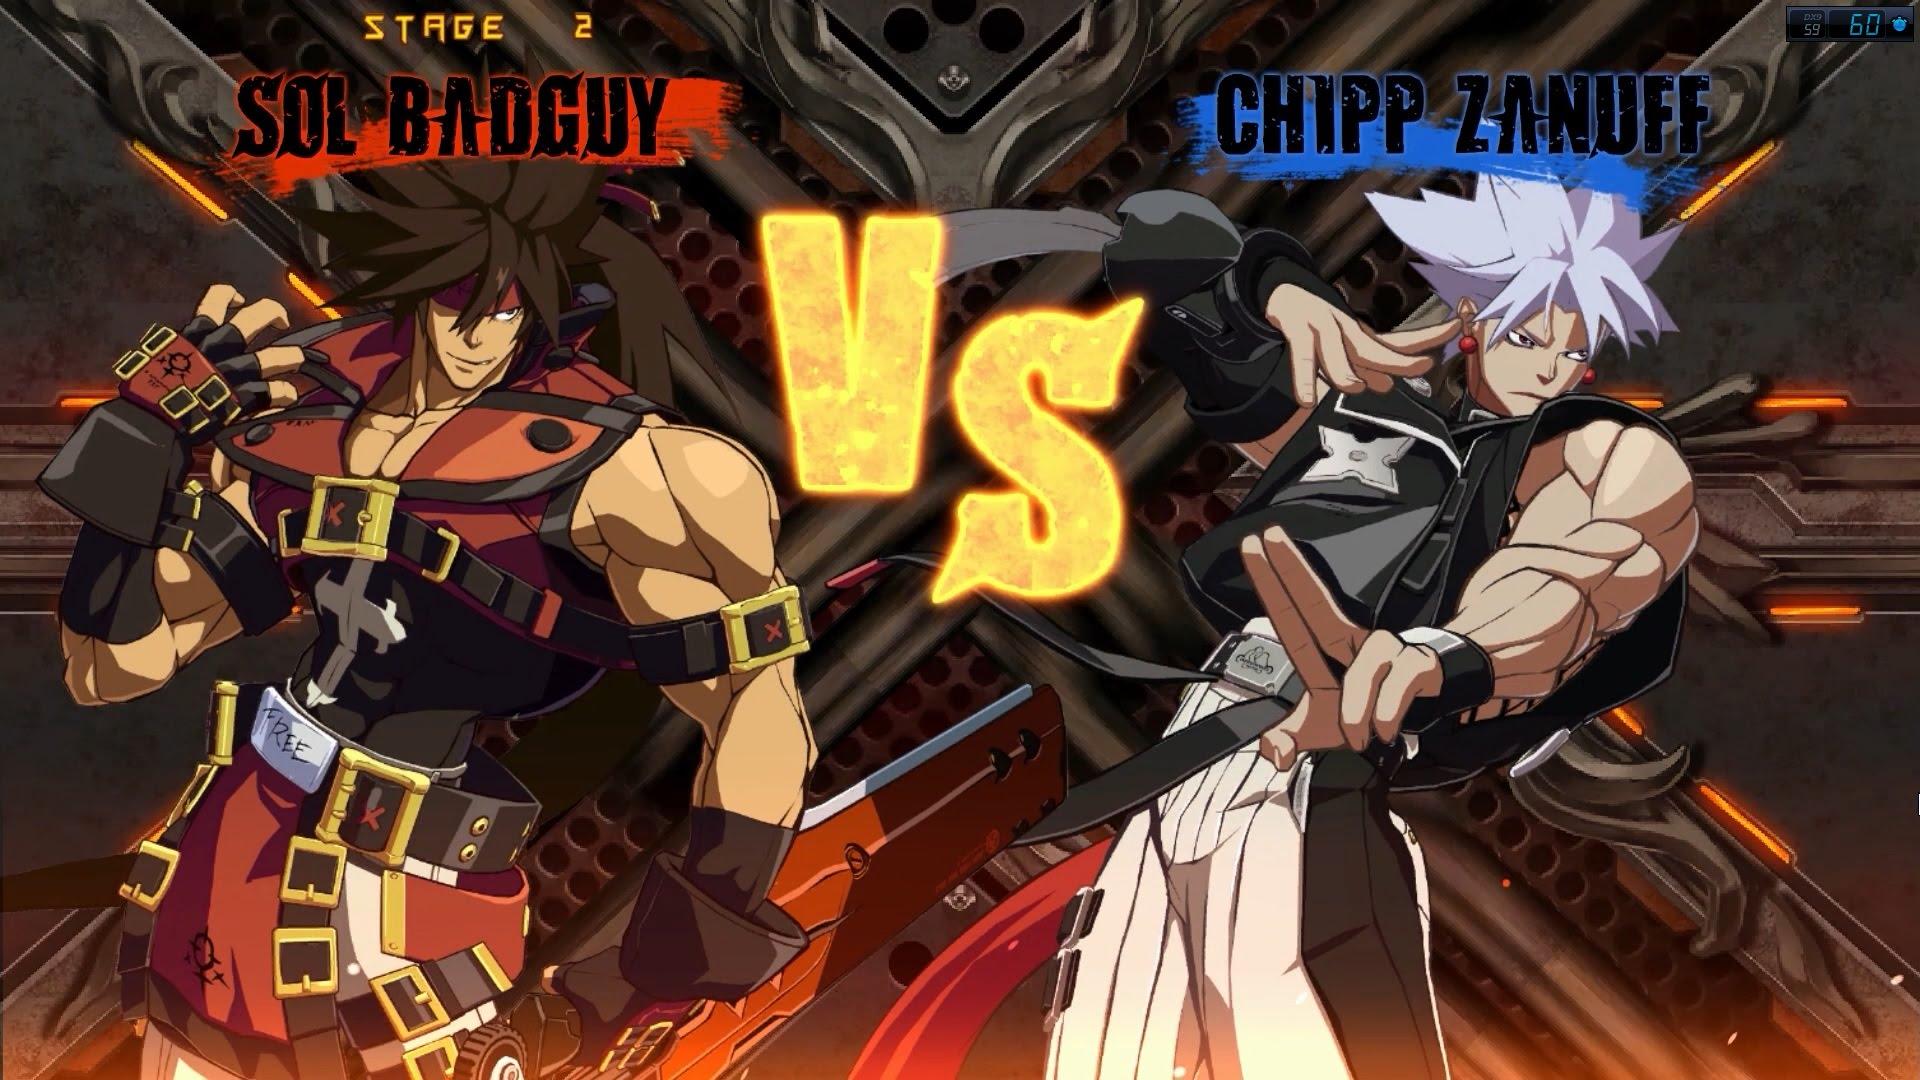 Guilty Gear: Chipp Zanuff HD pics